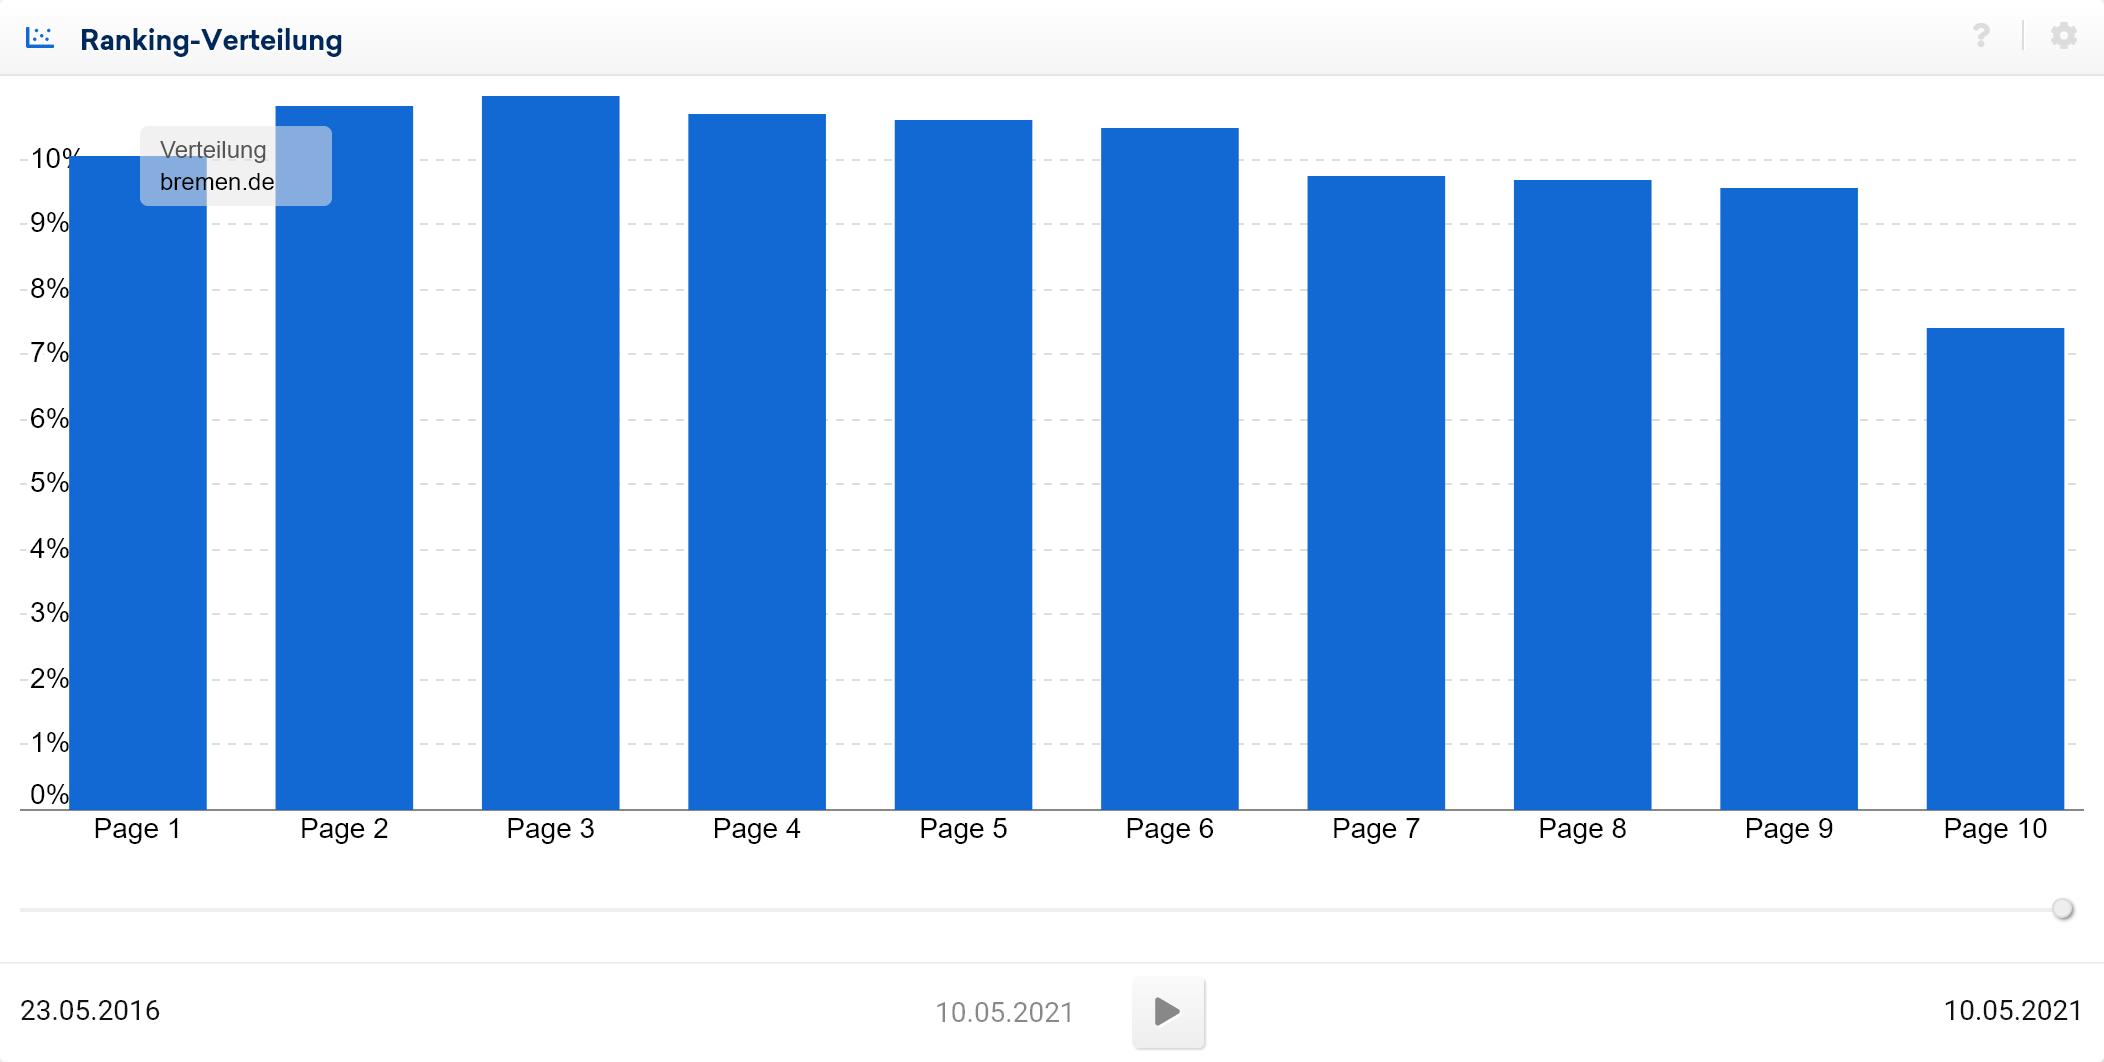 Beispiel durchschnittliche Ranking-Verteilung